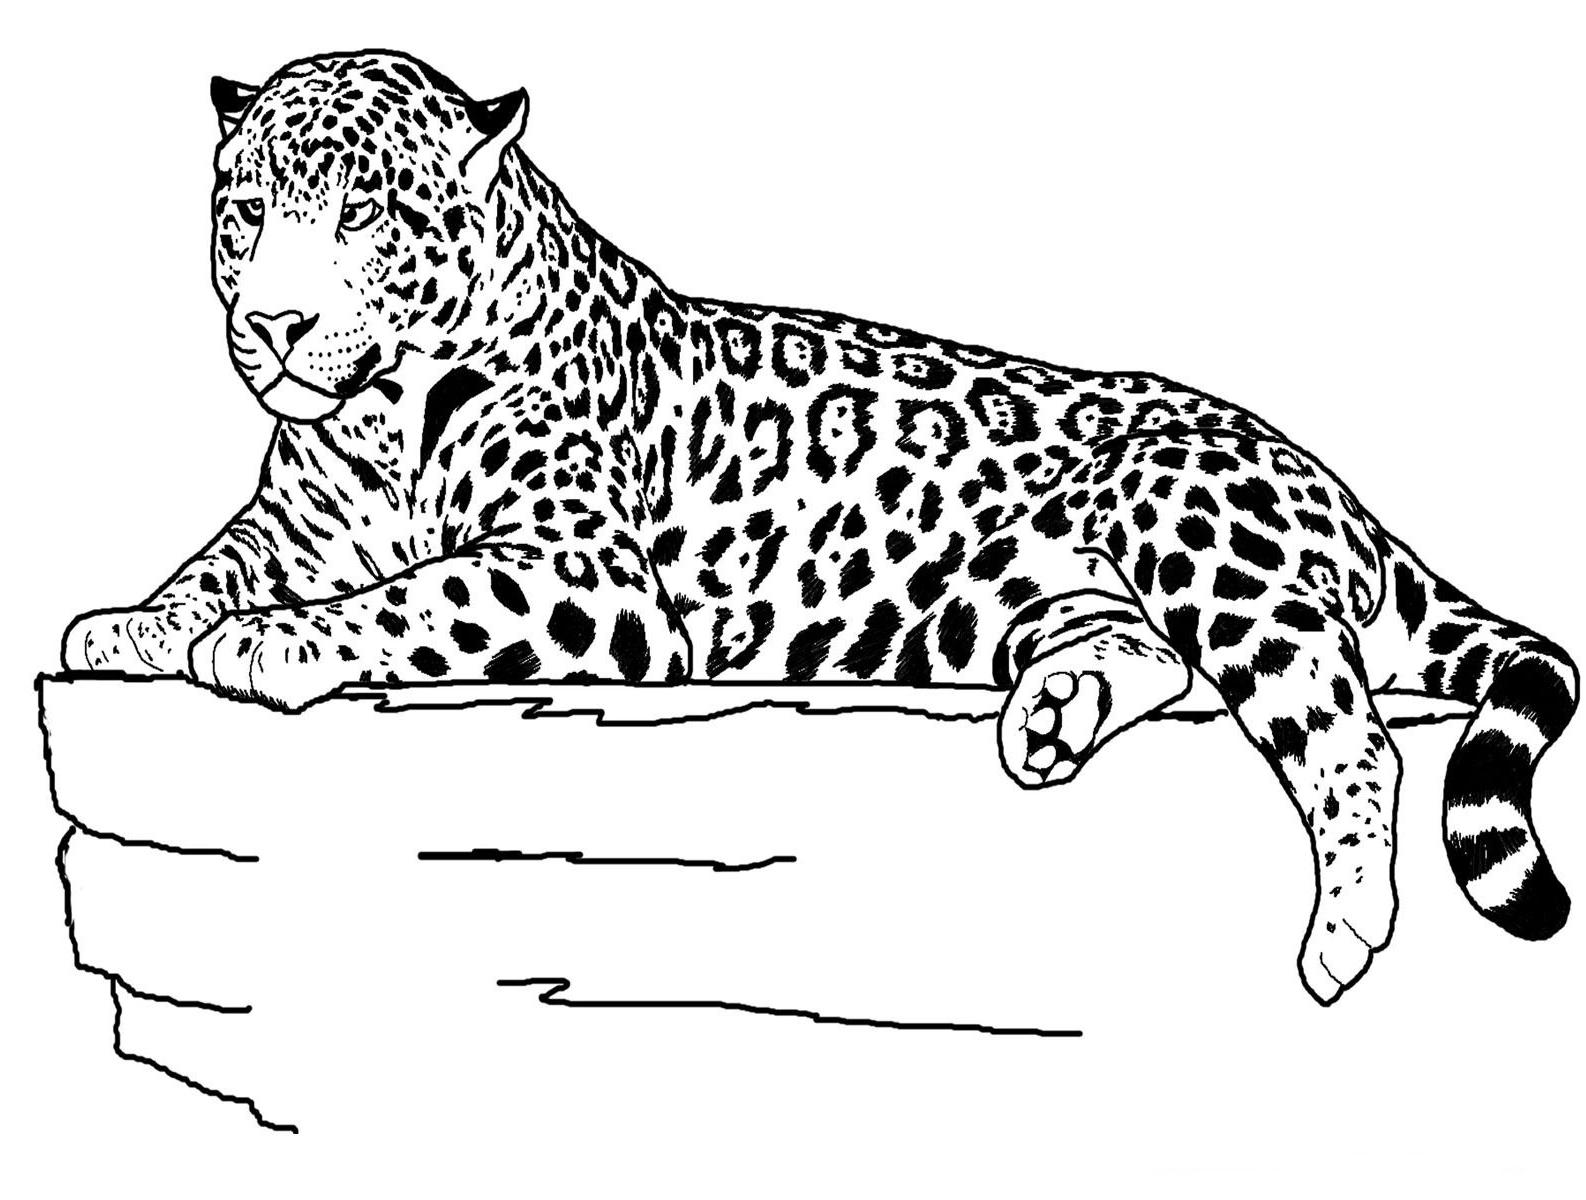 Jaguar On Perch Coloring Page